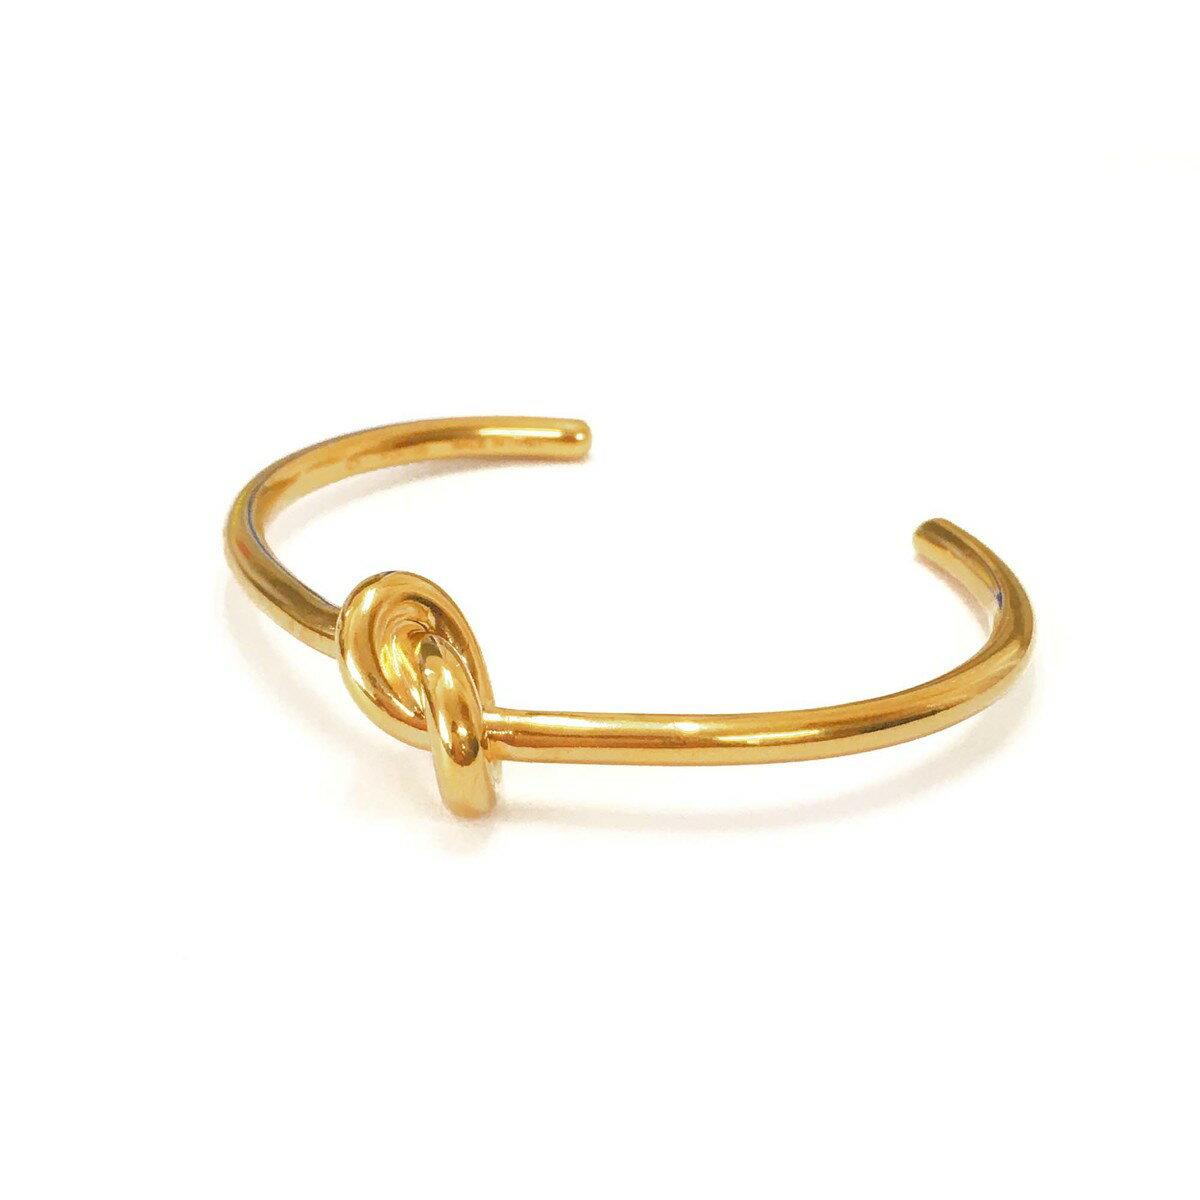 レディースジュエリー・アクセサリー, ブレスレット CELINE 46P466BRA.35OR GOLD C1(S) C2(M)